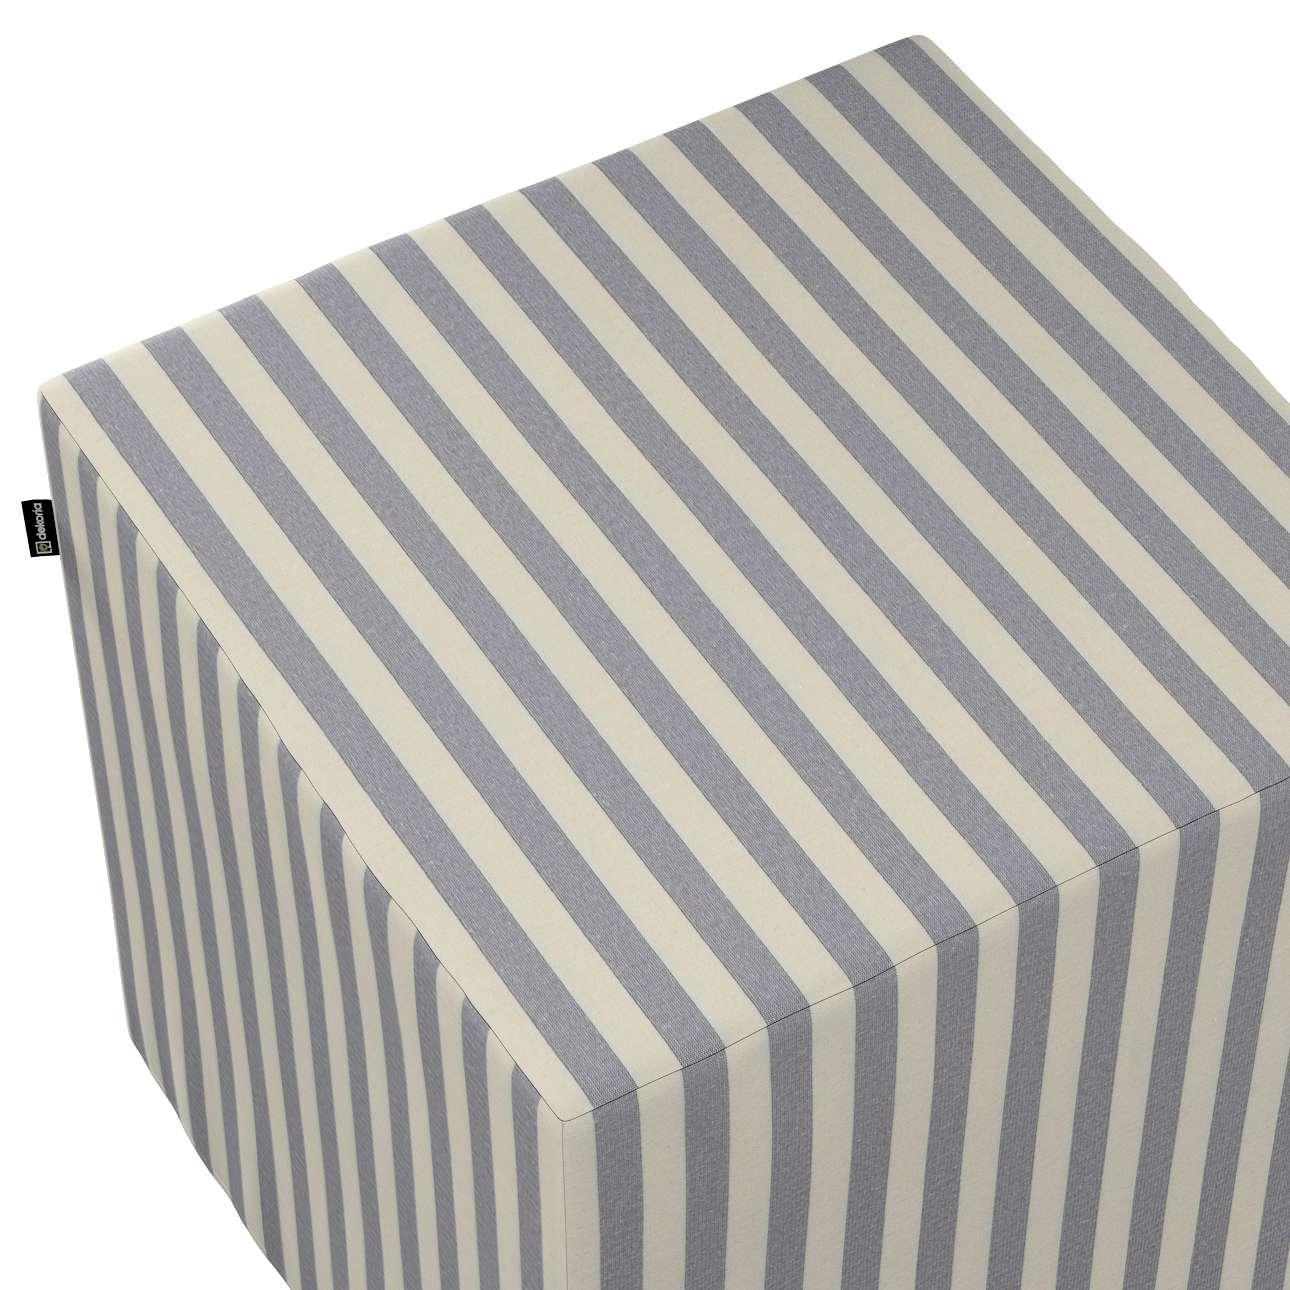 Pokrowiec na pufę kostkę w kolekcji Quadro, tkanina: 136-02